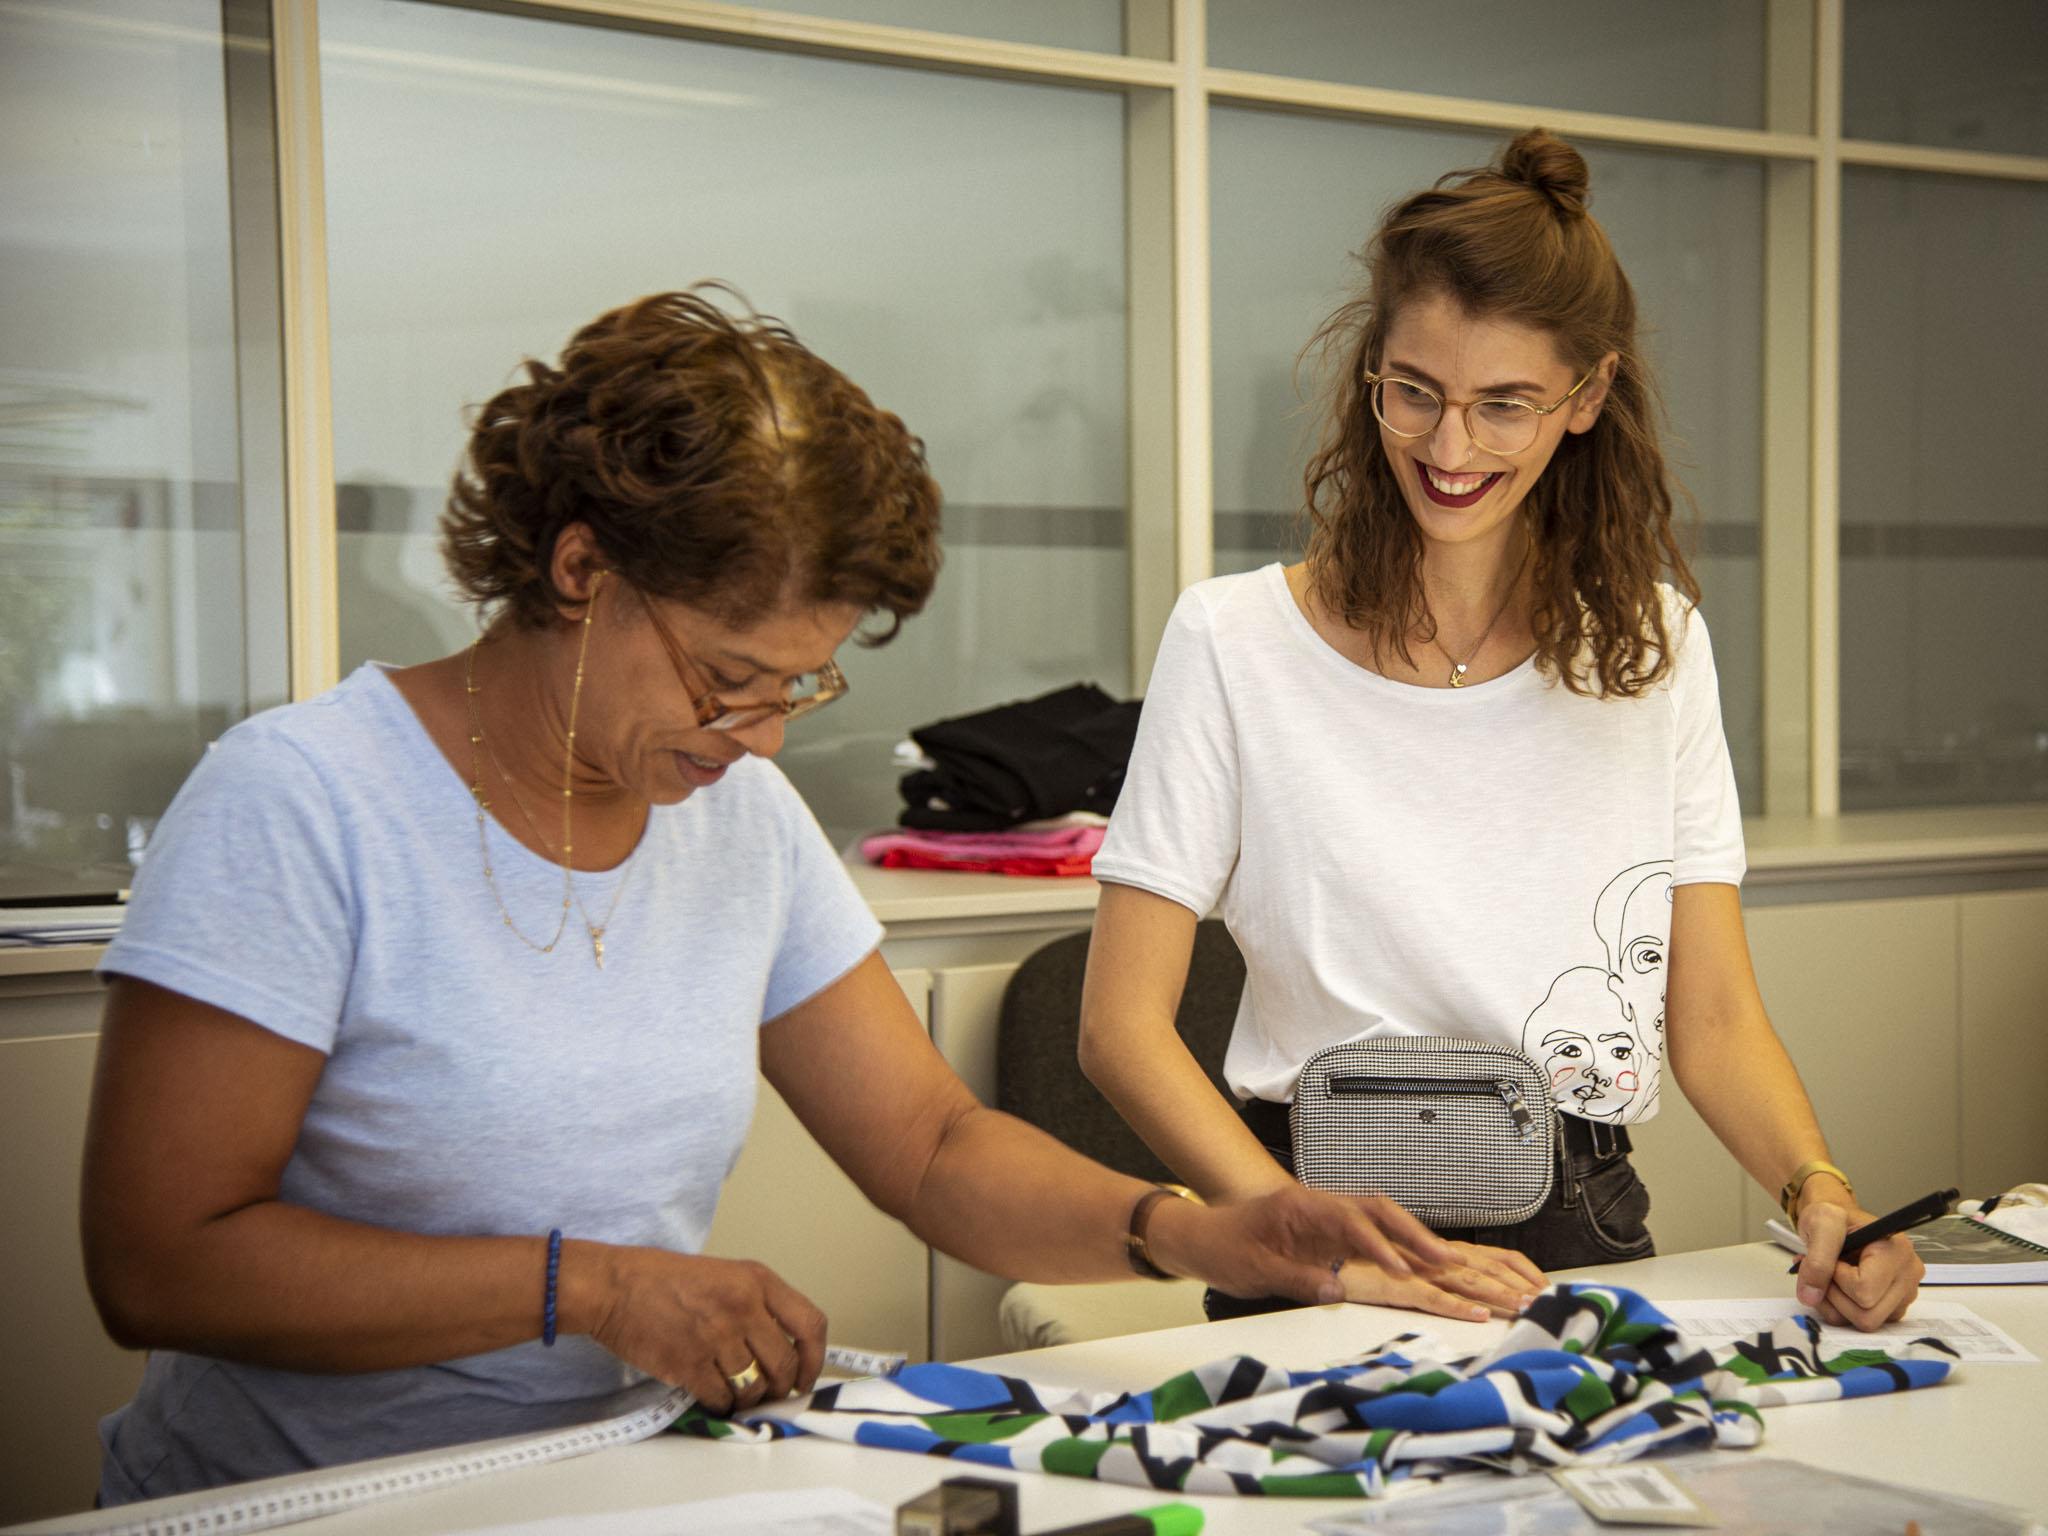 Anna-Maria ist Bekleidungstechnikerin bei comma CI. Foto: Dominik Ziegler